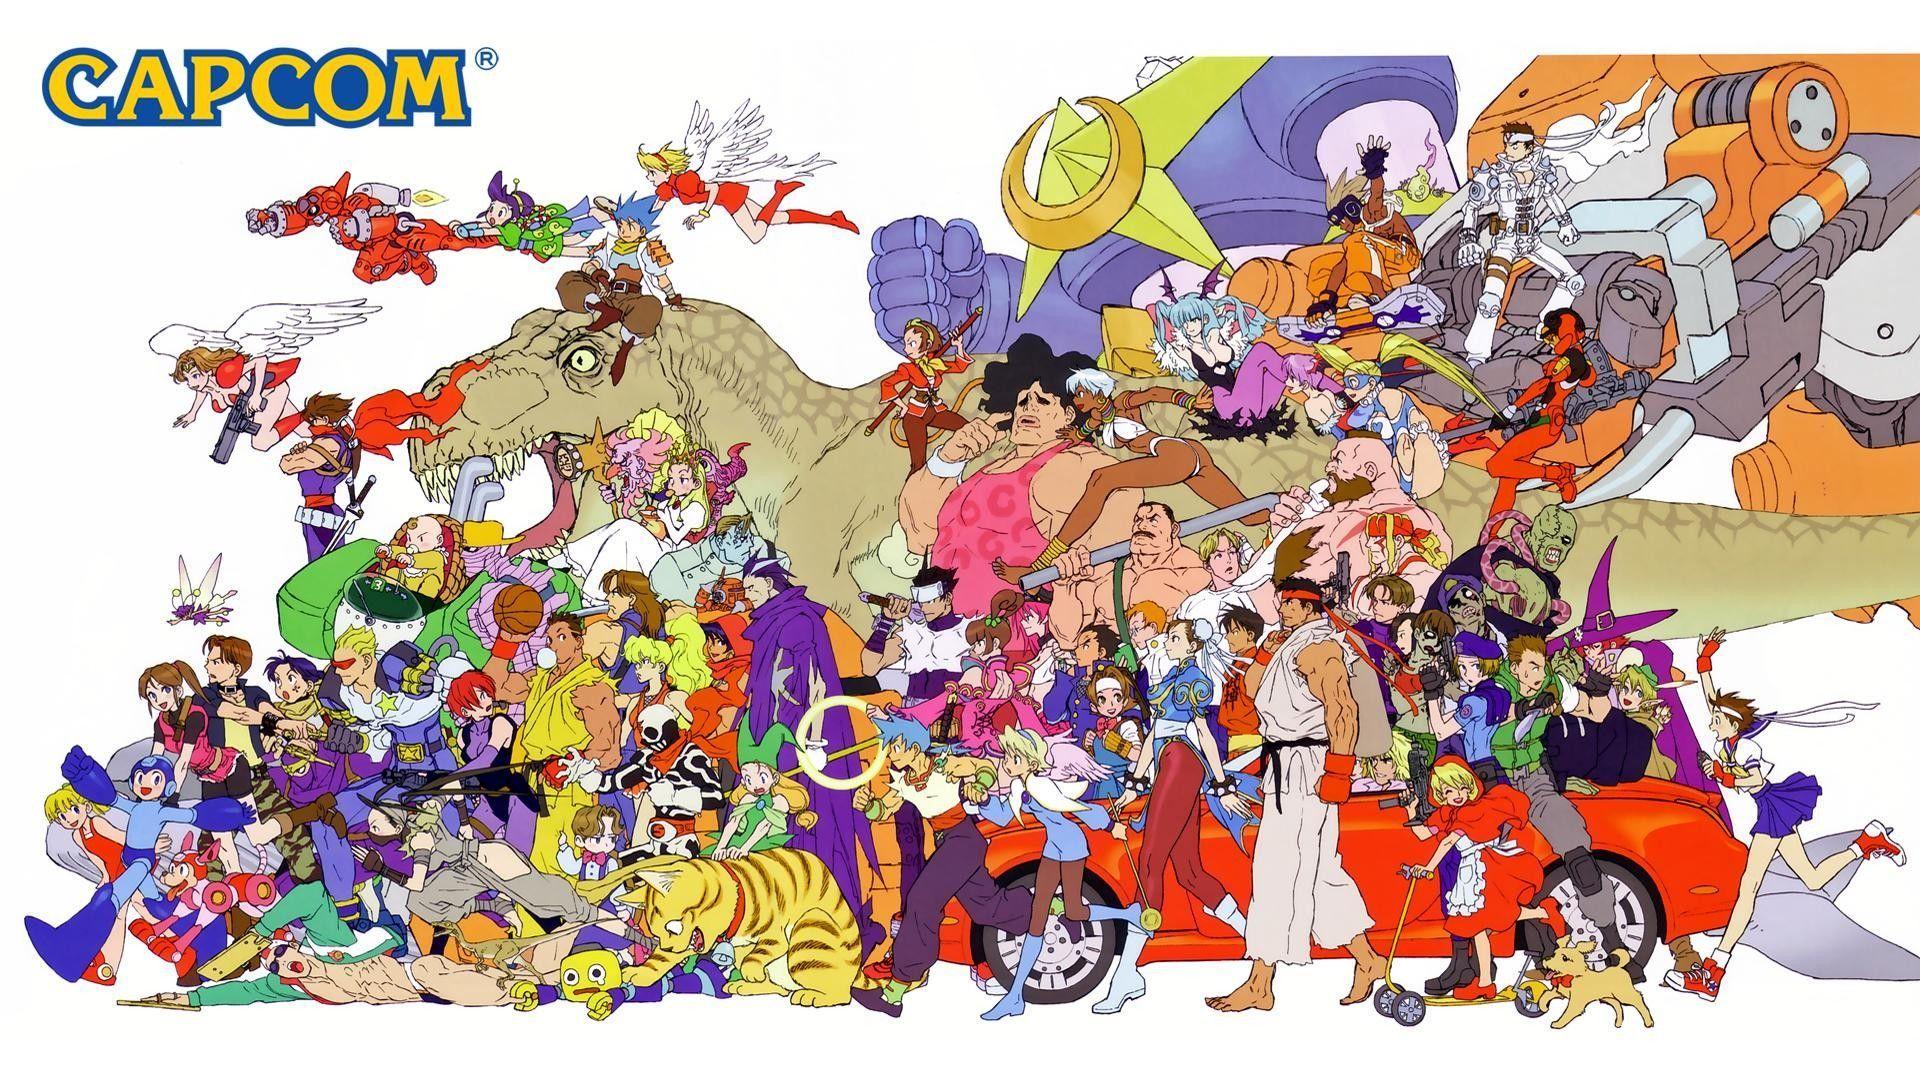 Capcom Wallpapers Top Free Capcom Backgrounds Wallpaperaccess